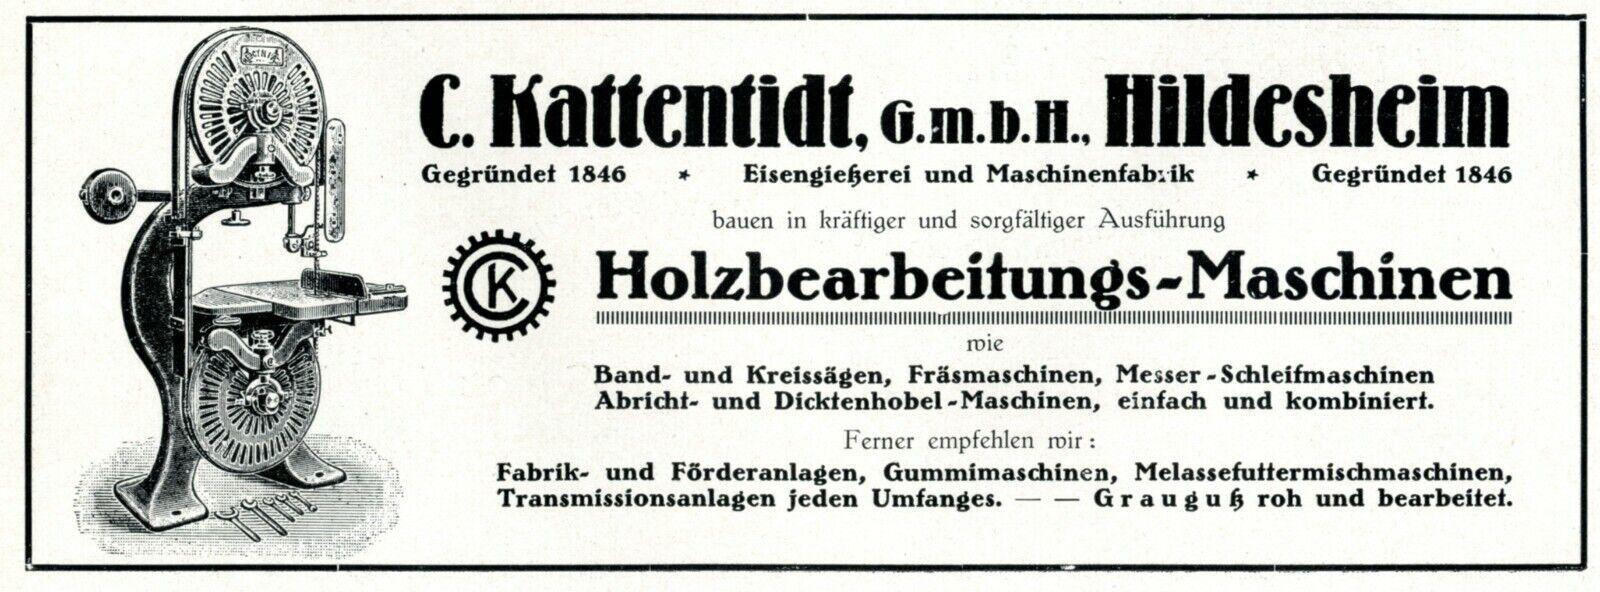 Holzbearbeitung Maschinen Kattentidt Hildesheim Reklame 1926 Werbung